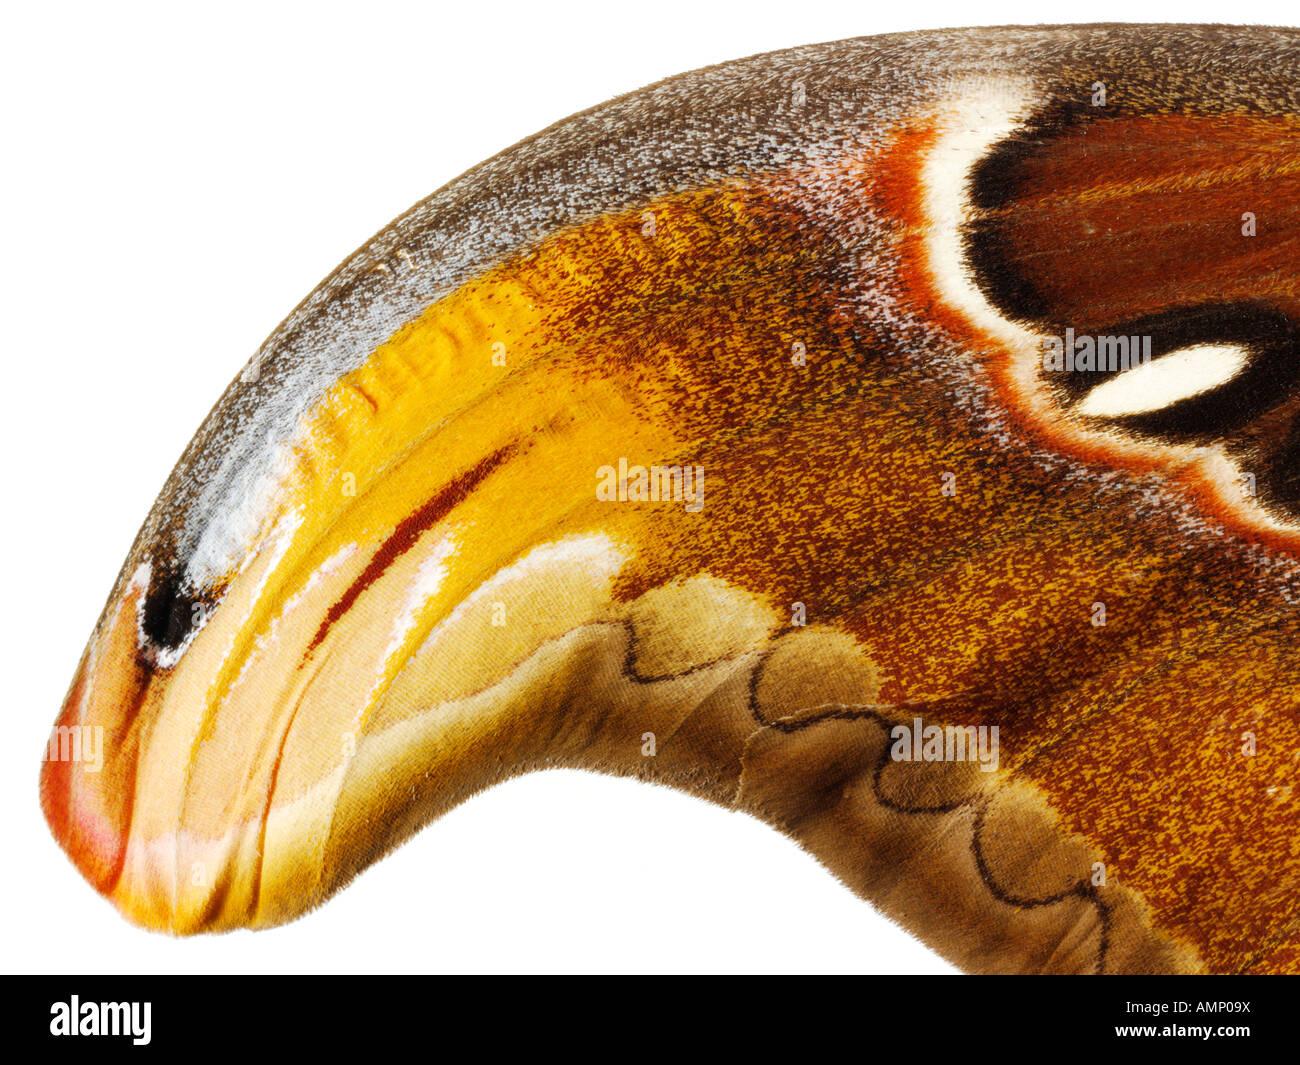 Un primerísimo plano de un Emperador polillas wing mostrando en detalle las texturas naturales y patrones. Imagen De Stock